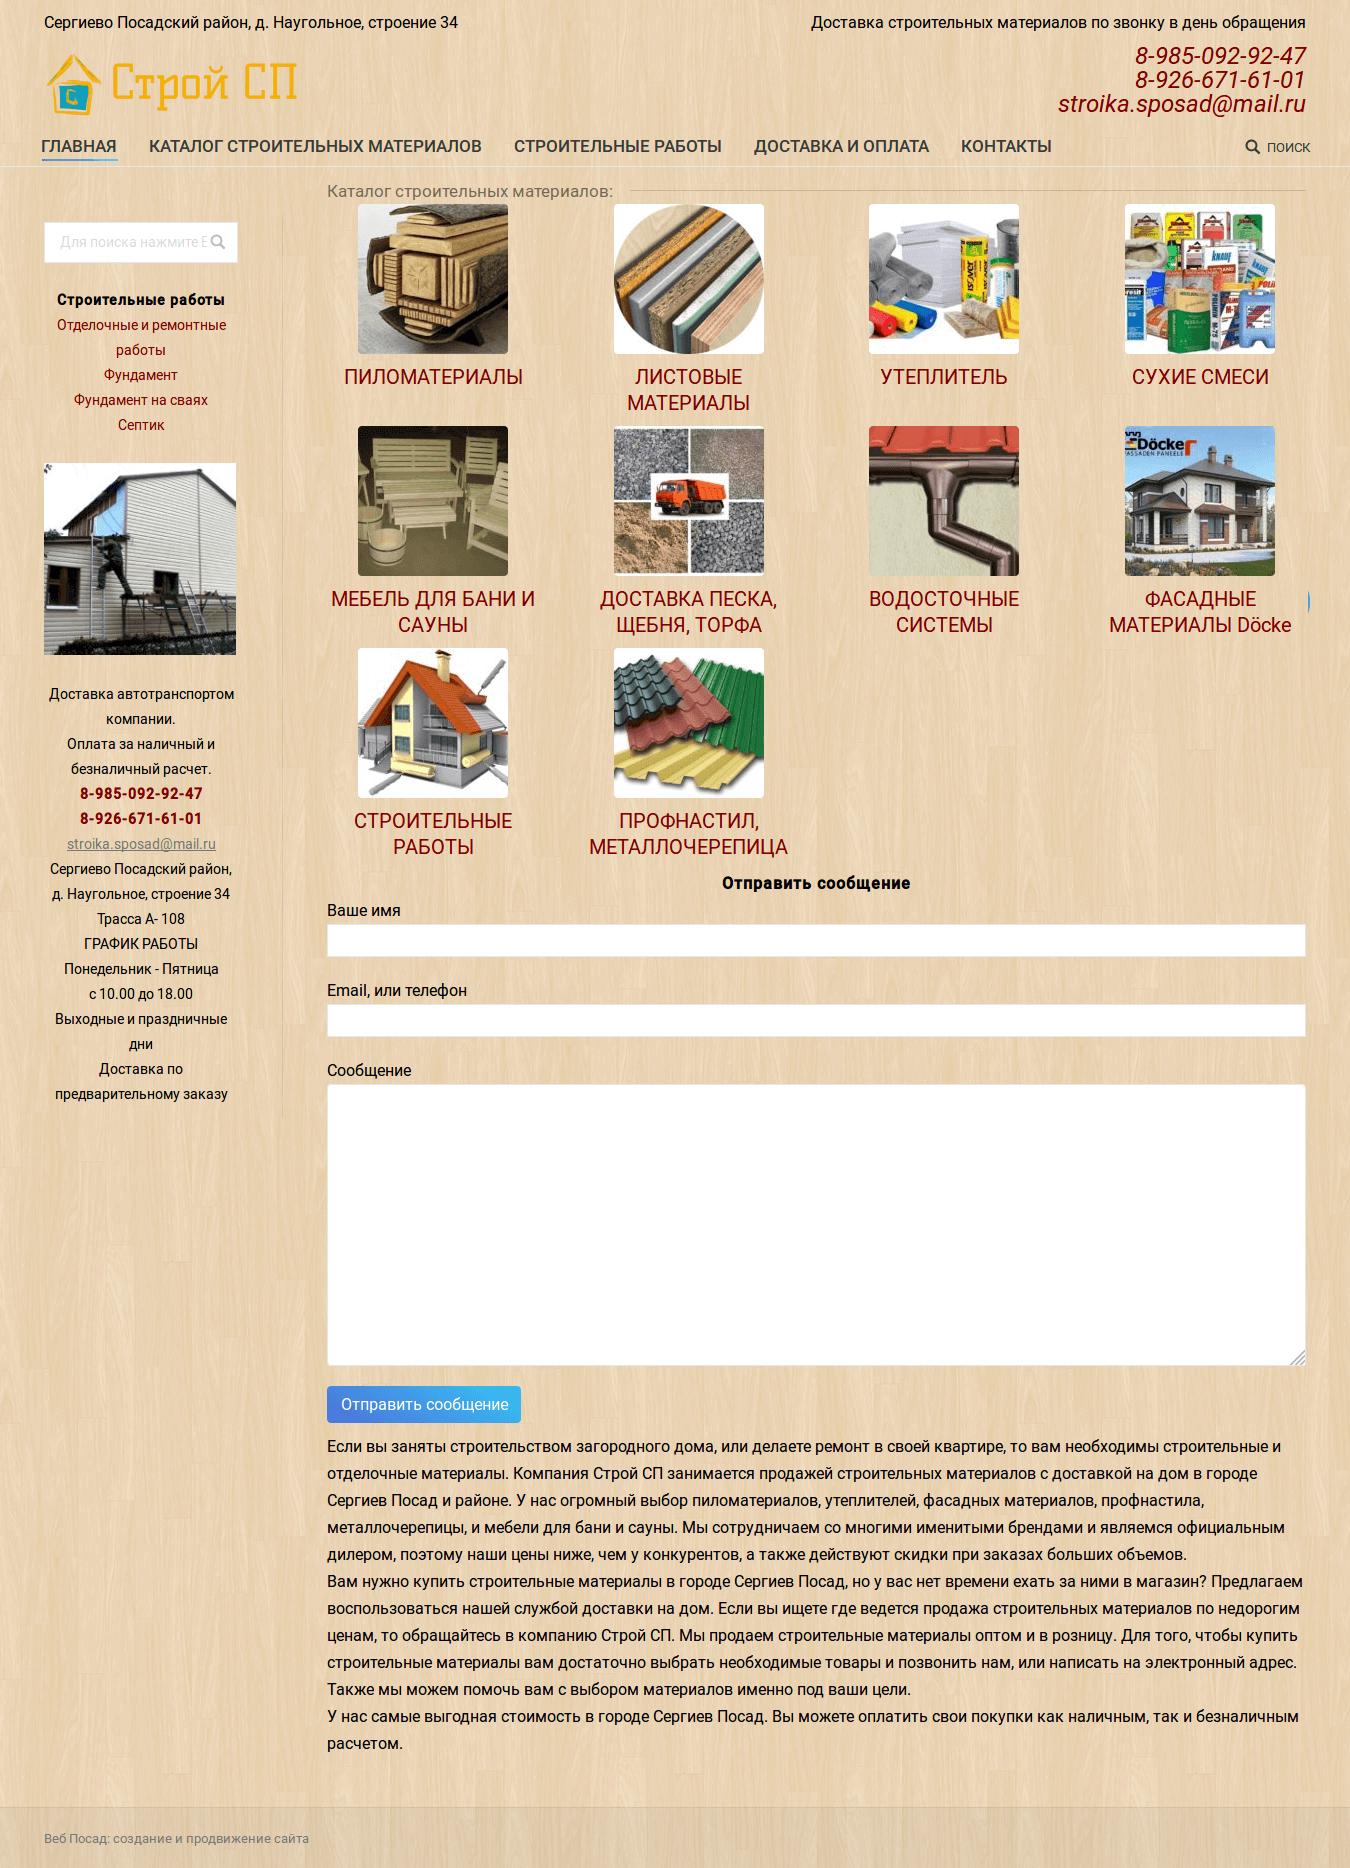 Создание сайта для строительной компании Строй СП